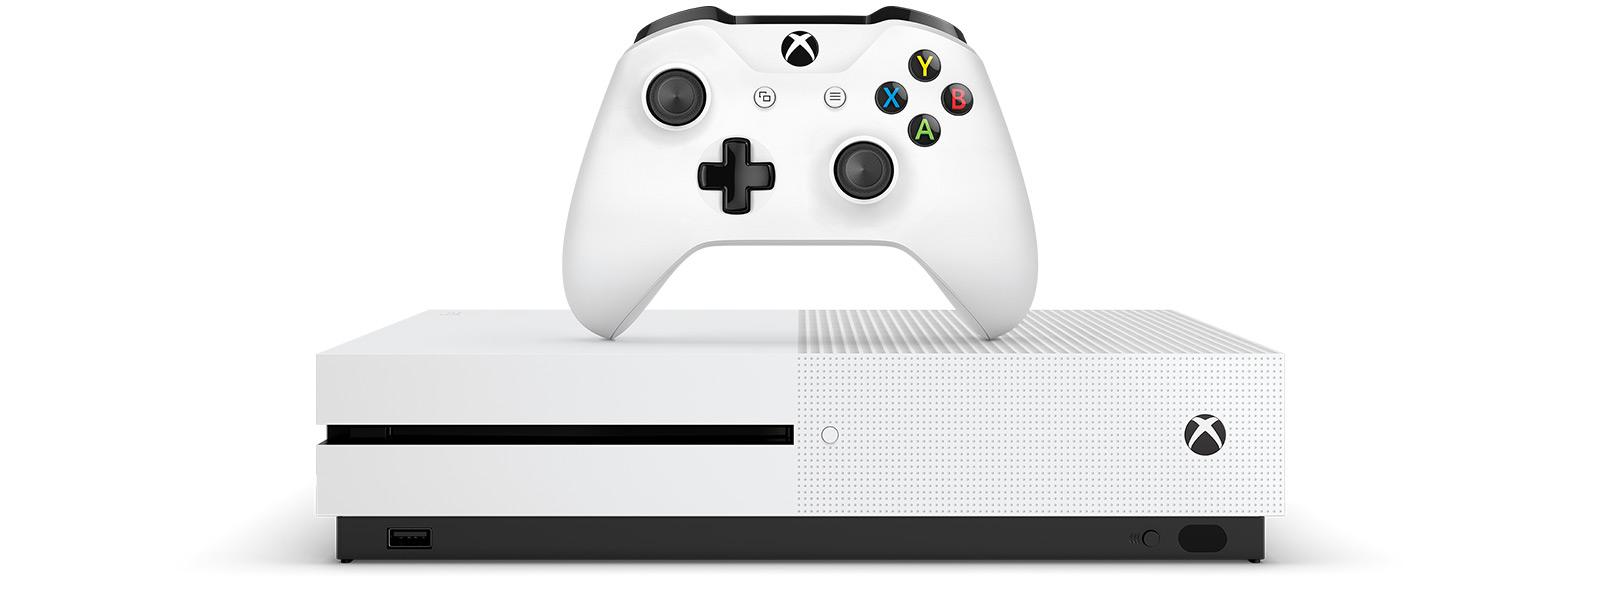 Xbox One S - آروند